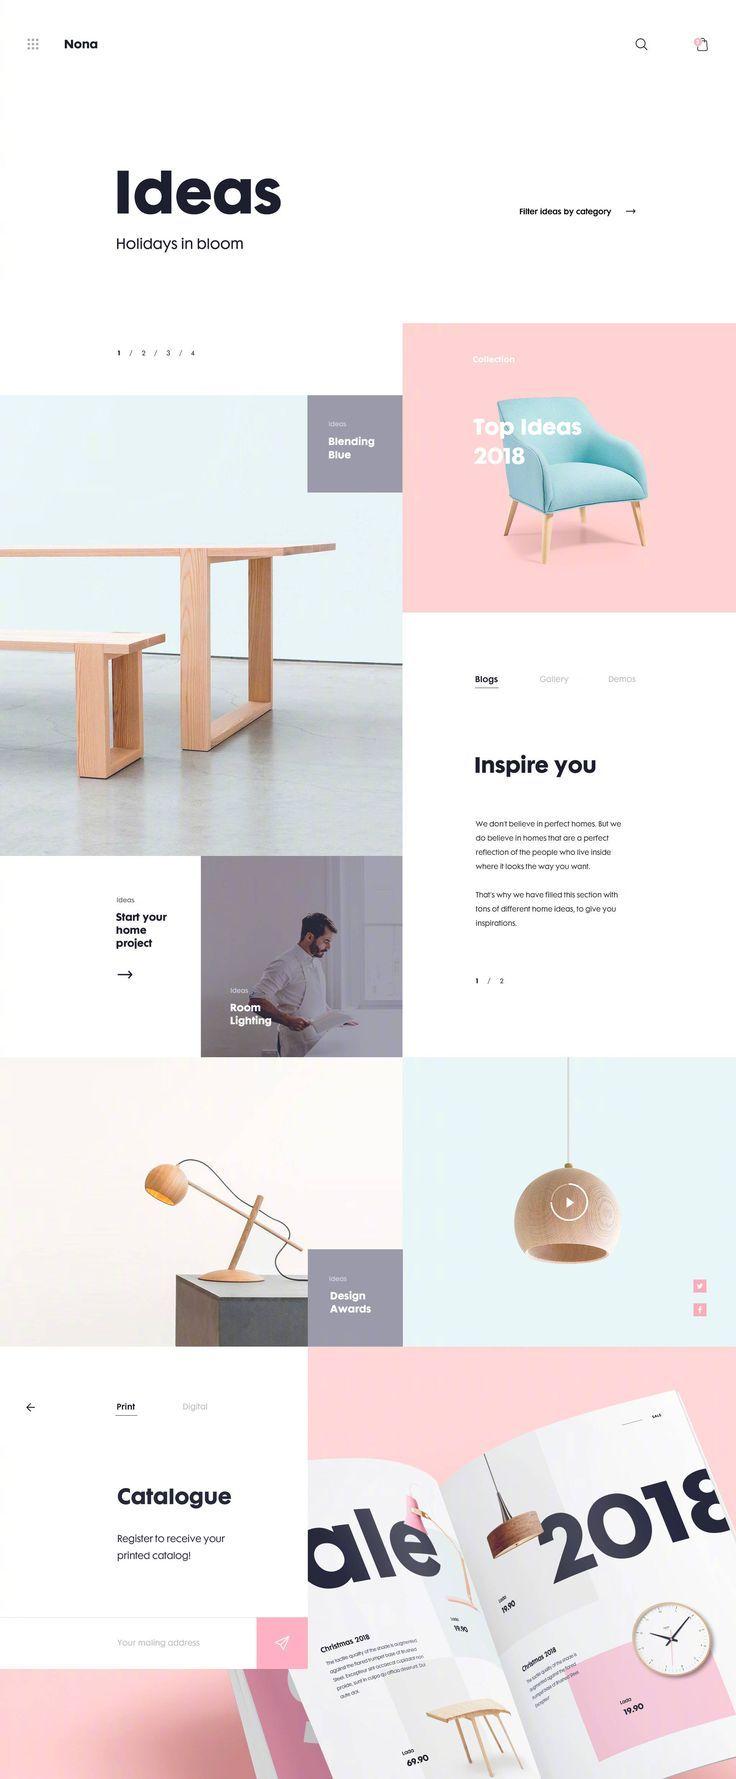 Nice Presentation Design Ideas, Simple Design Layout